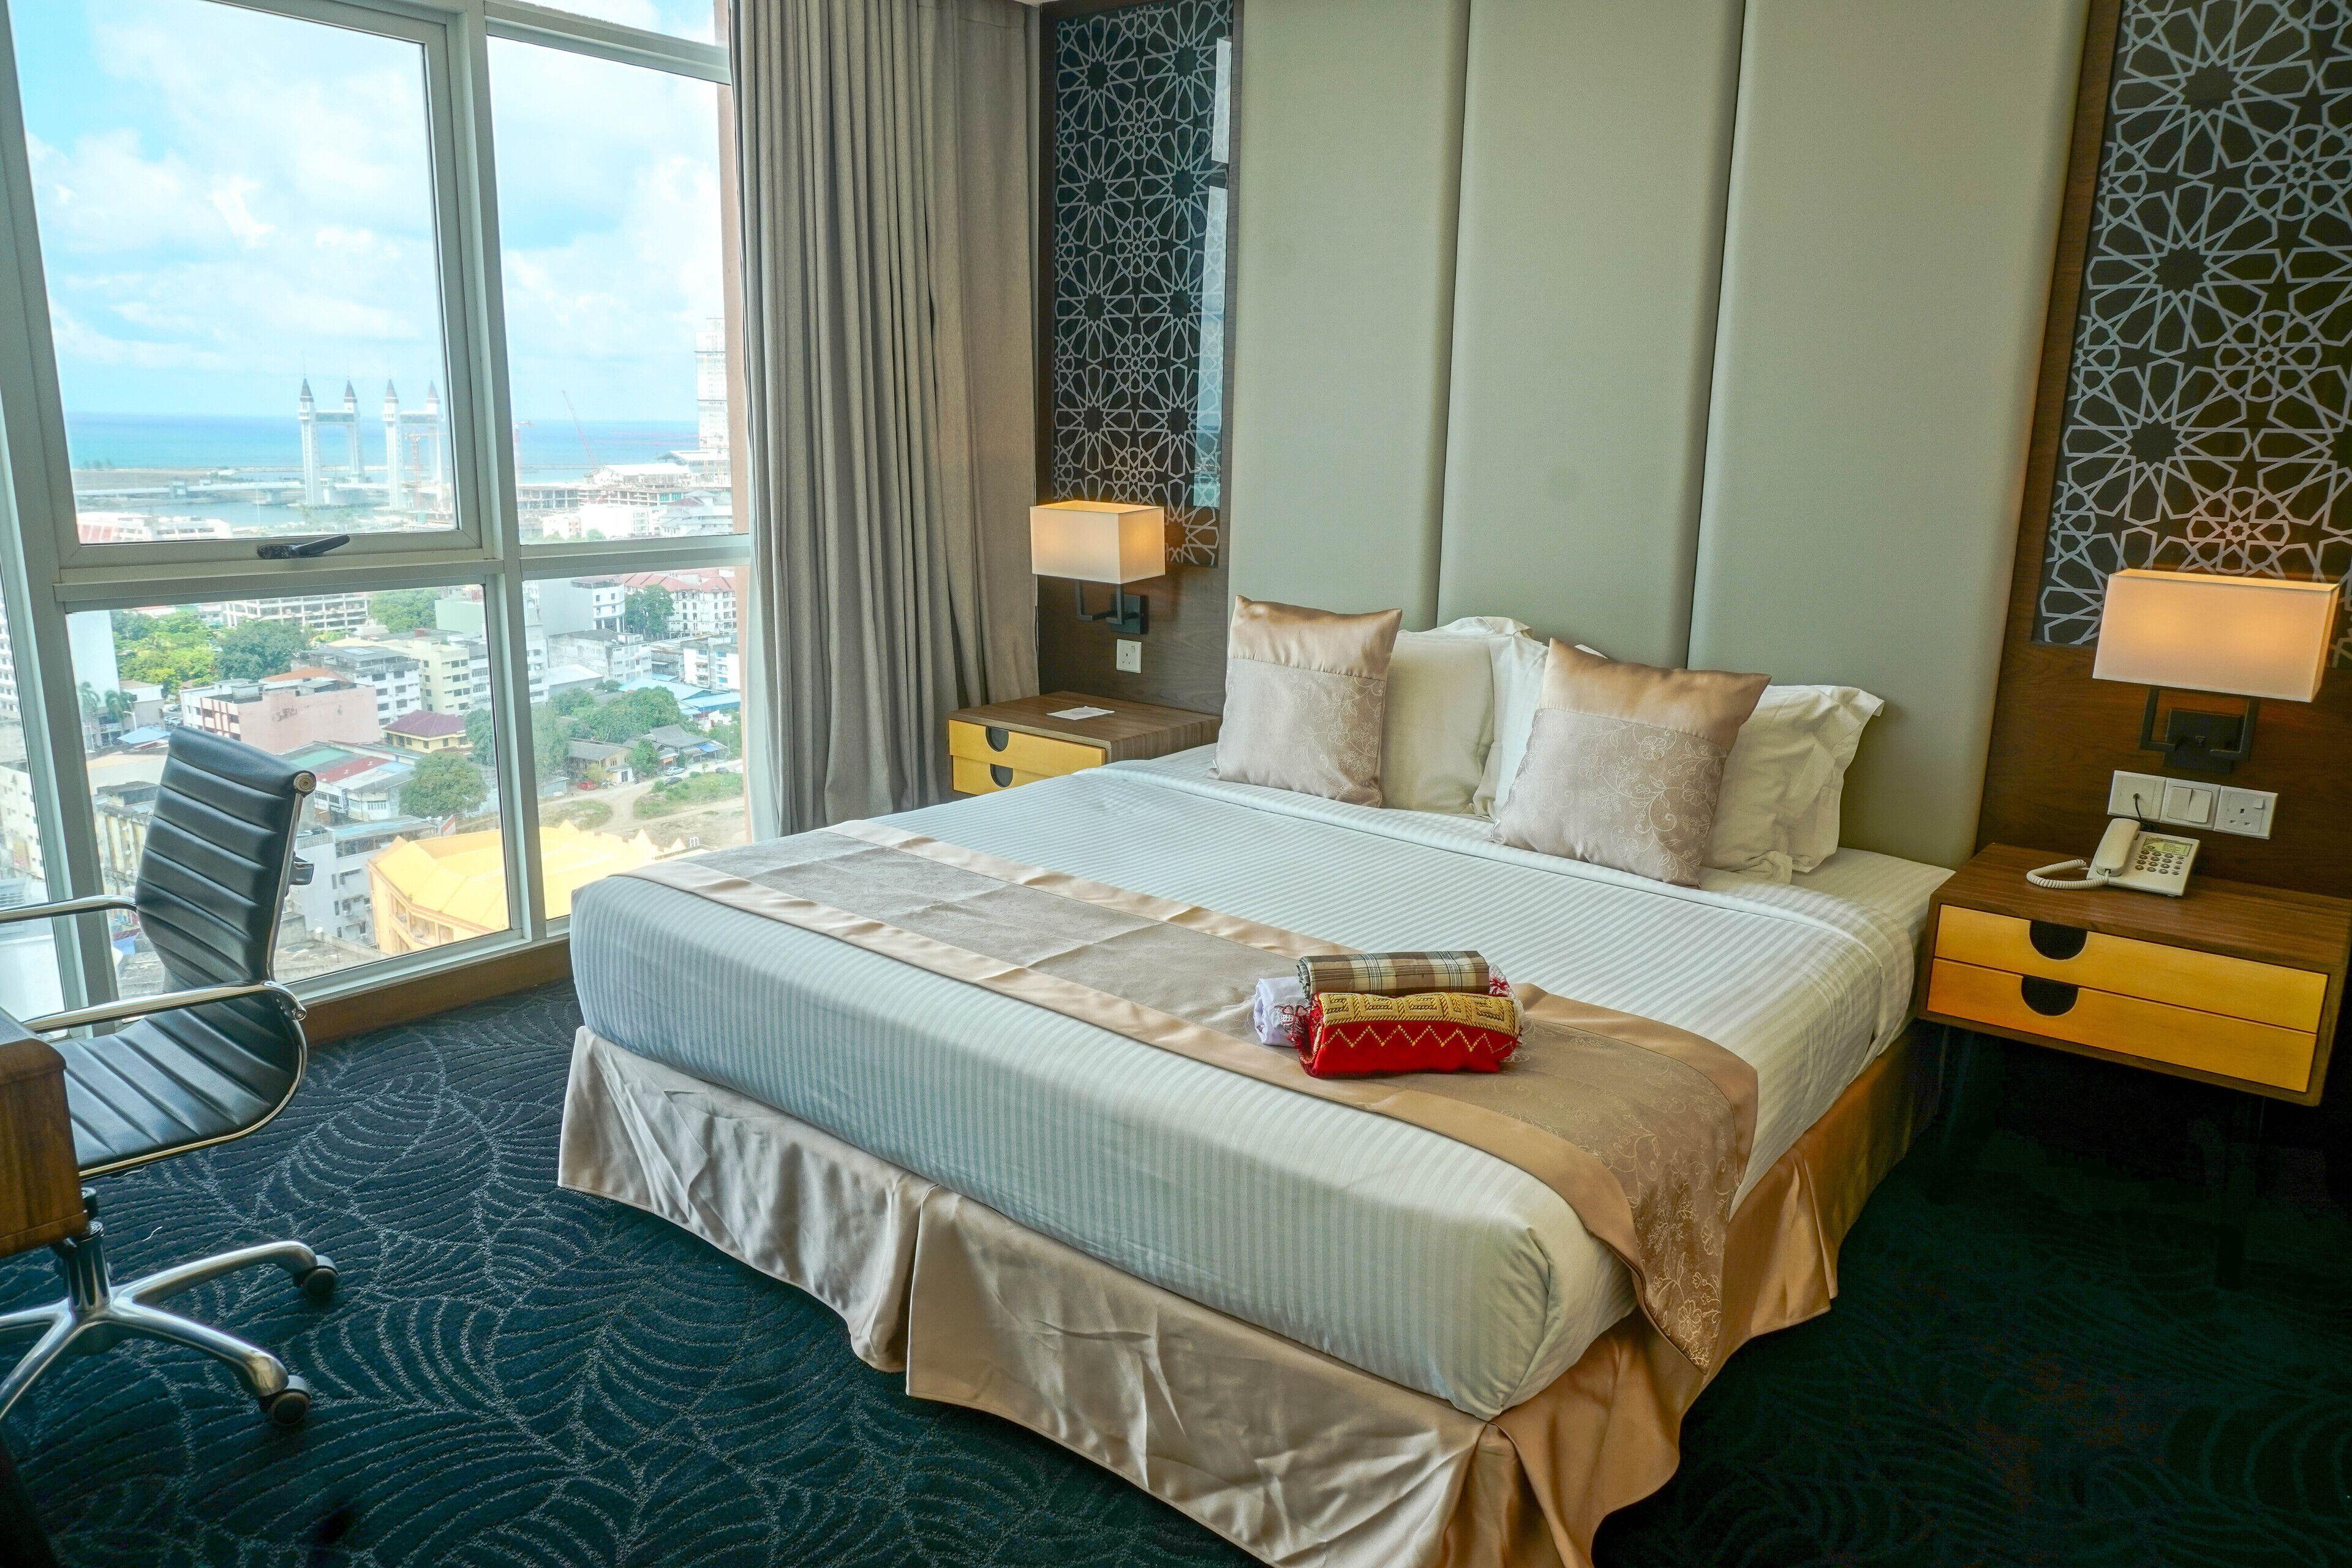 Courtesy of Paya Bunga Hotel Terenganu / Expedia